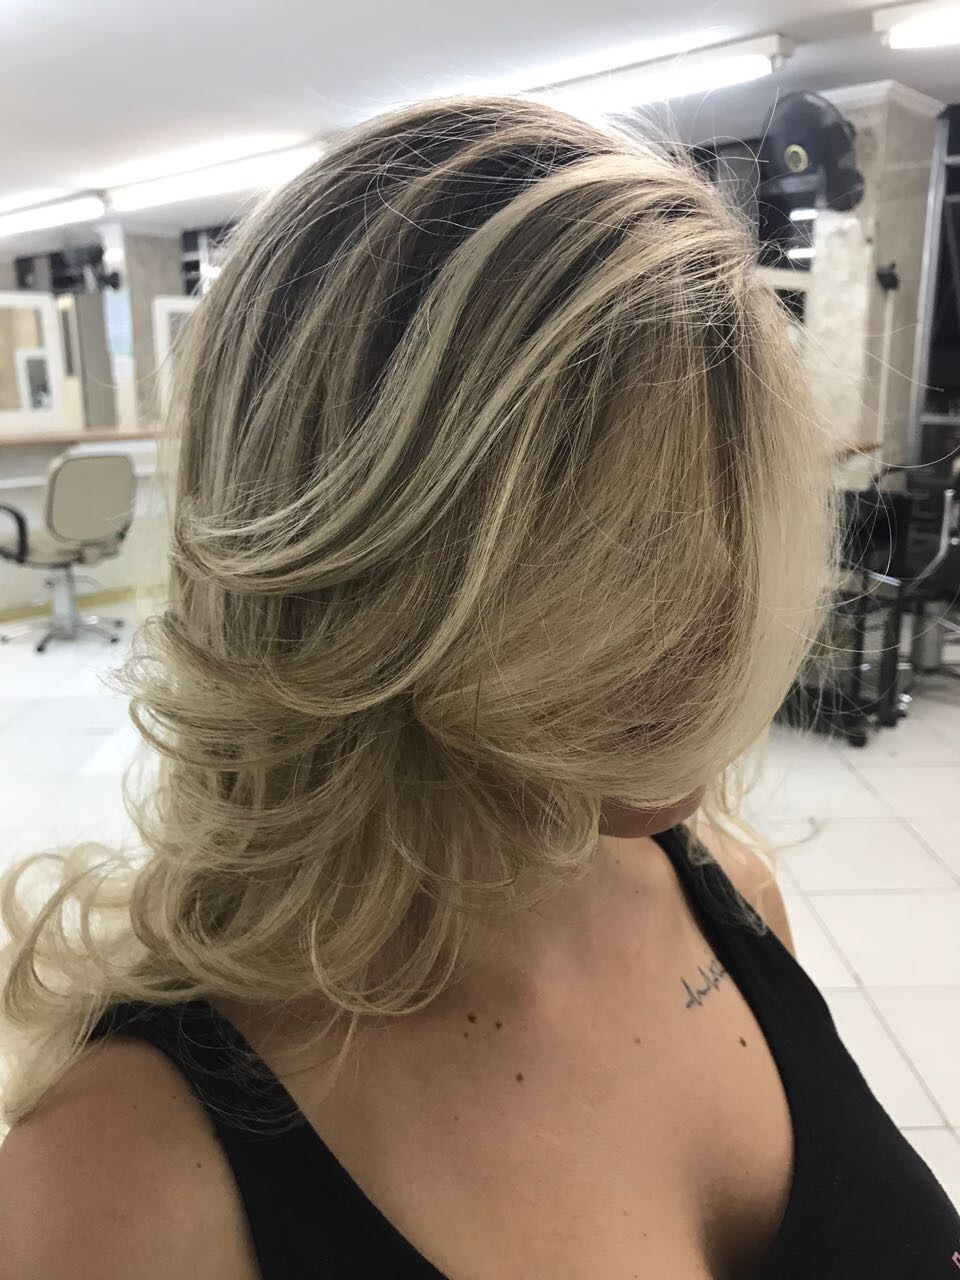 Amei brincar com esse cabelo 😍 cabelo auxiliar cabeleireiro(a) vendedor(a)